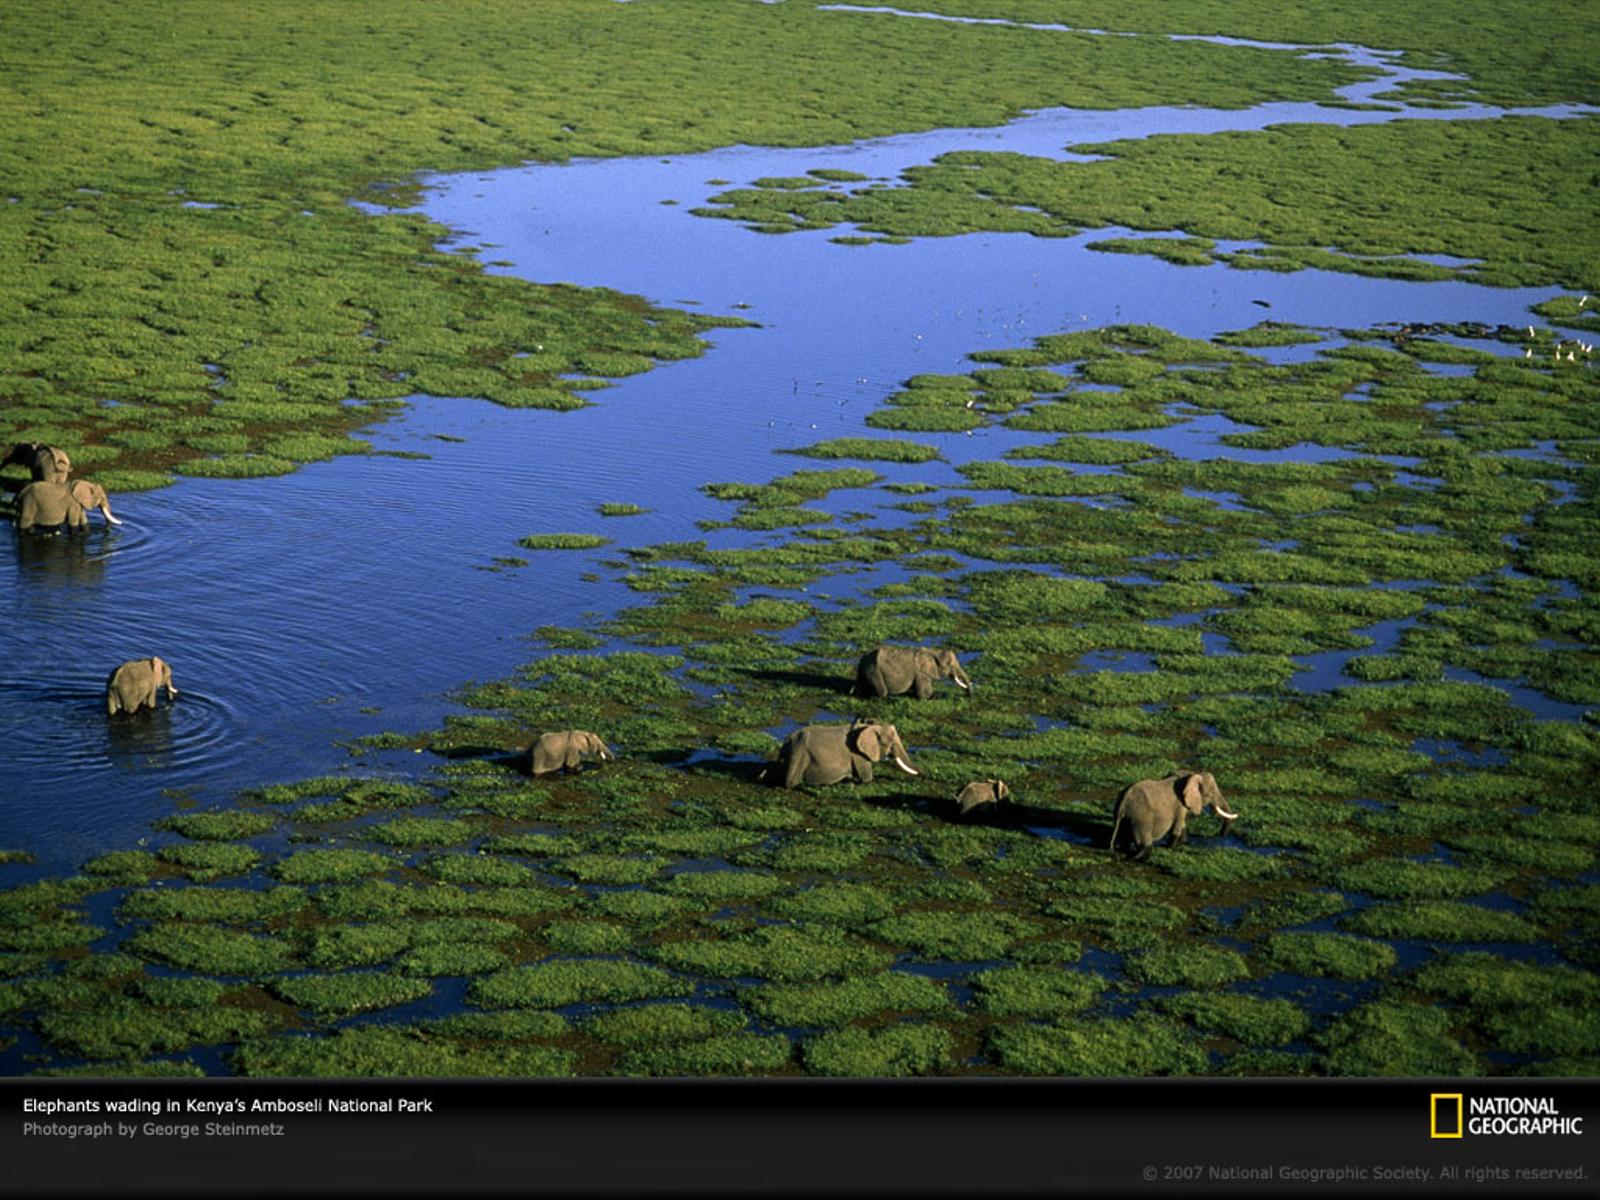 http://4.bp.blogspot.com/-zU72rEEySEI/Tc_1a0PcPyI/AAAAAAAABpw/WemYnnlzo58/s1600/national_geographic_8.jpg